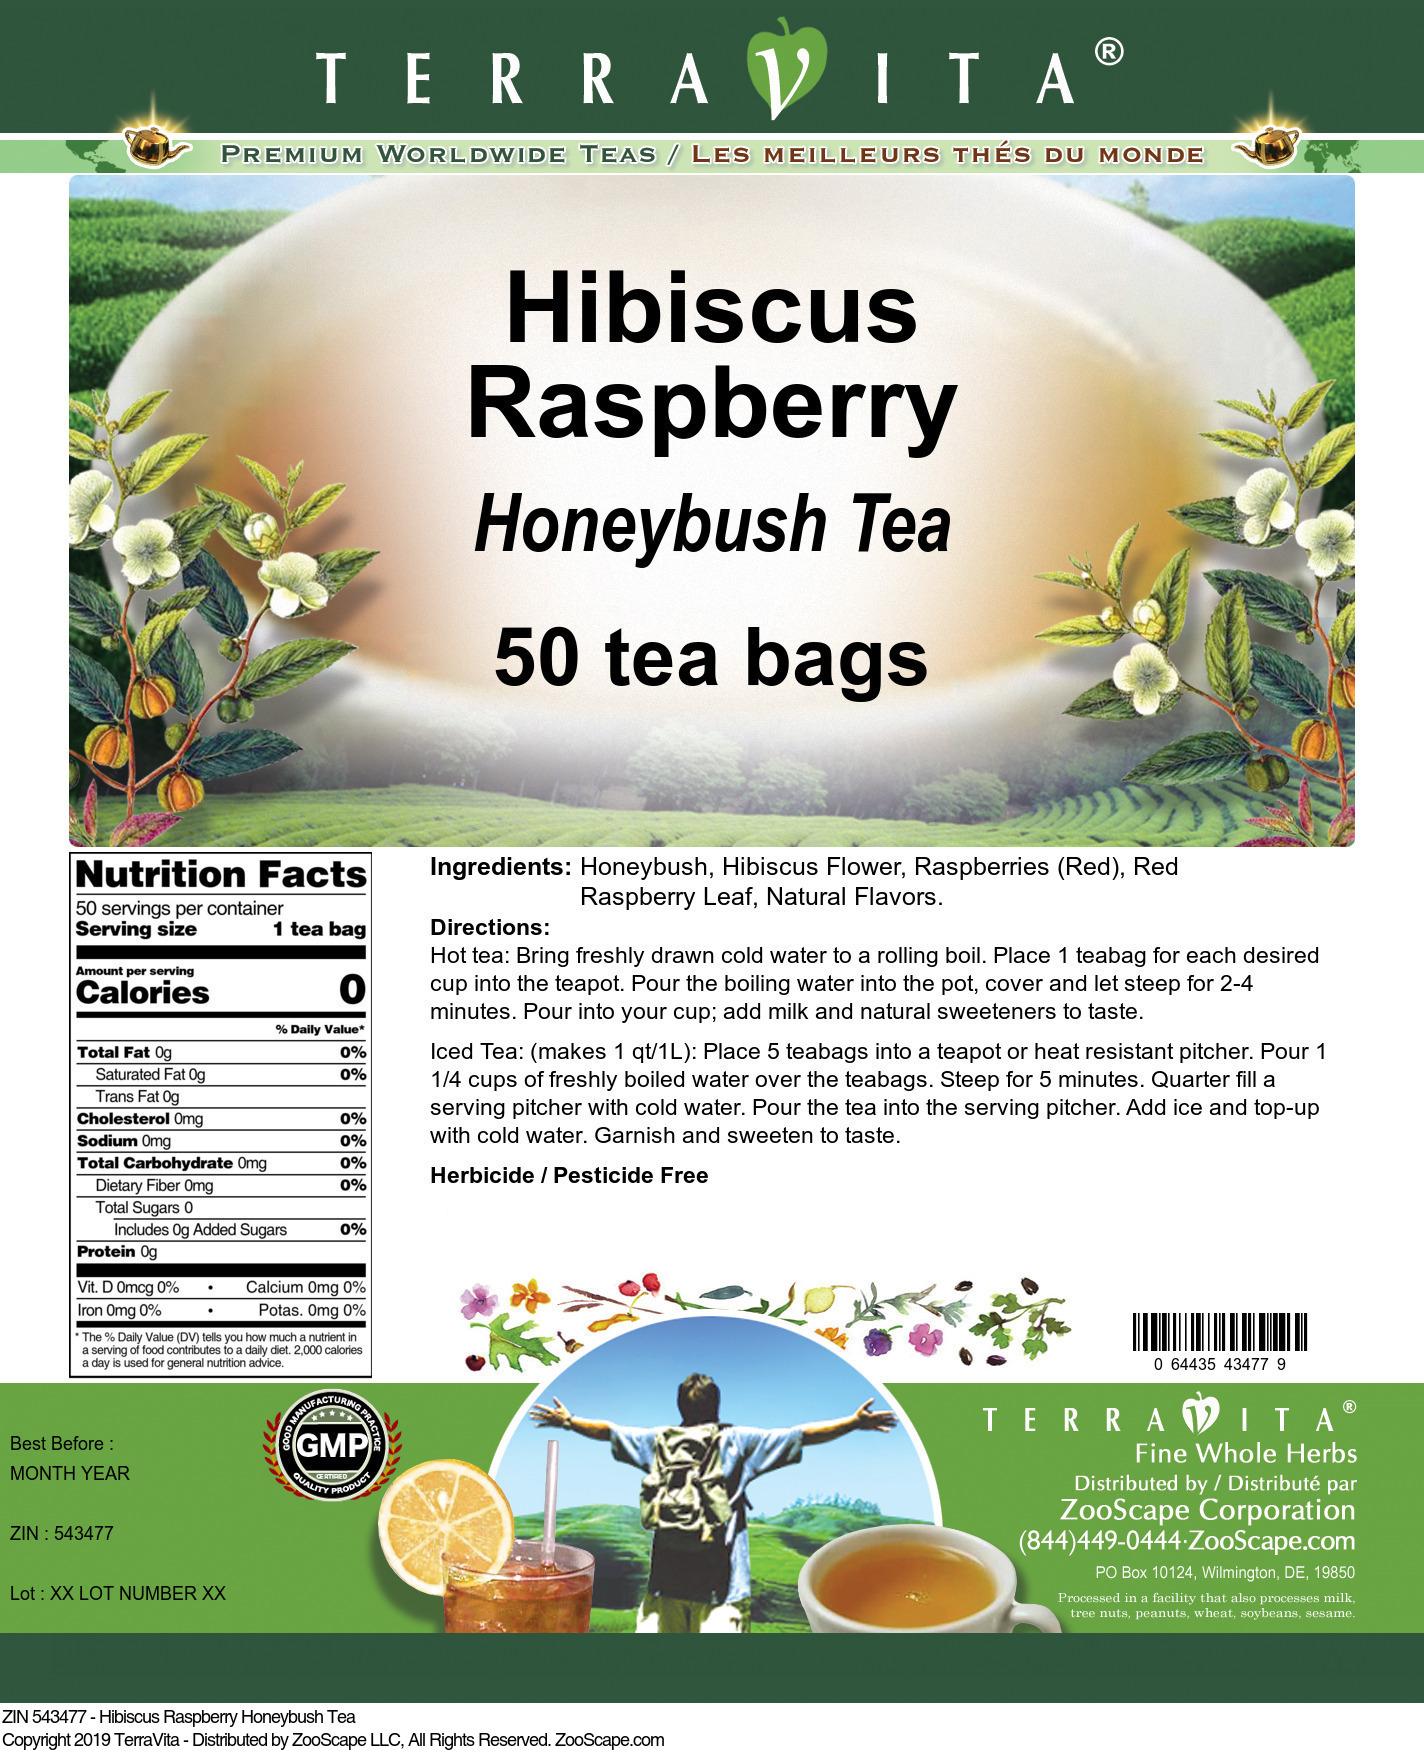 Hibiscus Raspberry Honeybush Tea